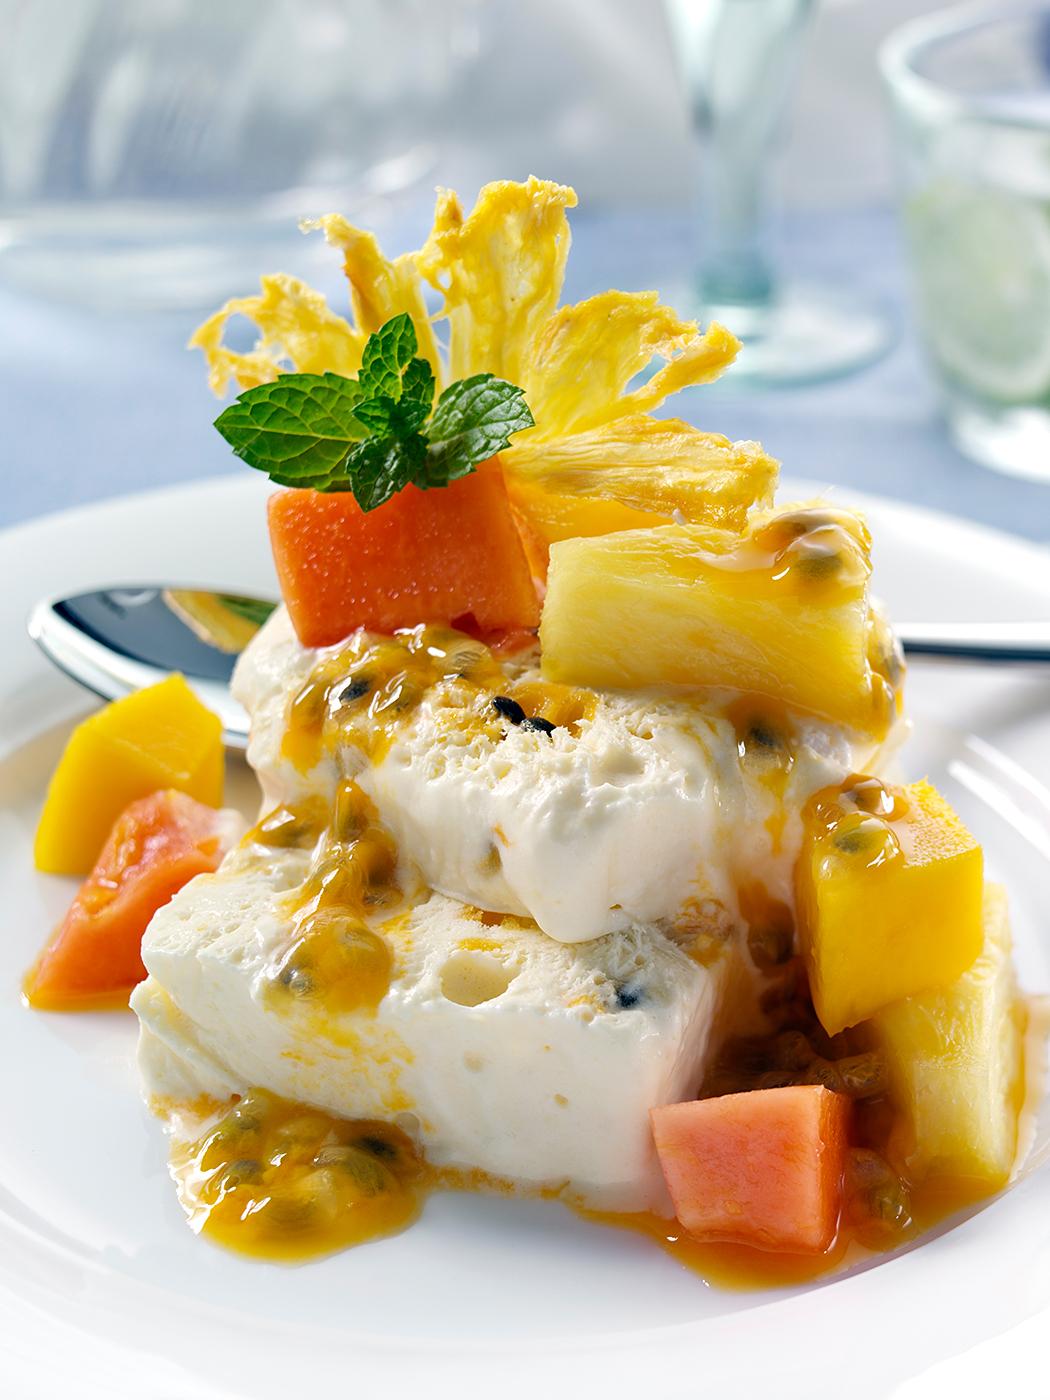 Semifreddo dessert